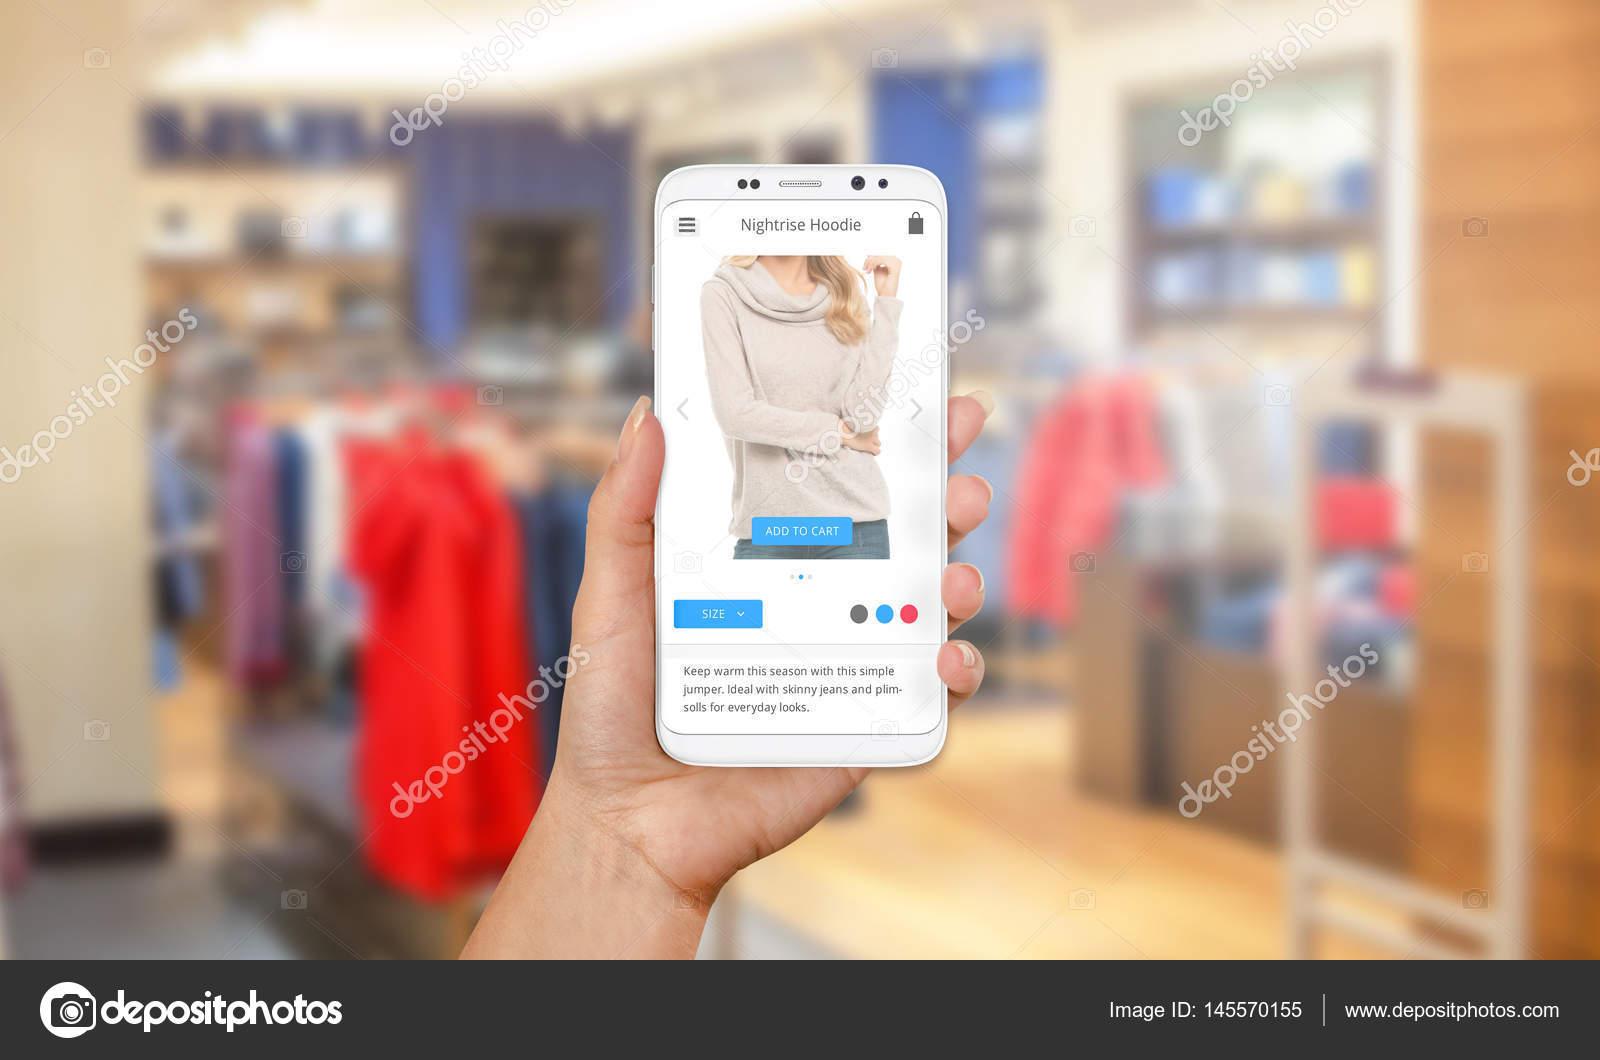 Nákup svetry a oblečení online s moderní mobilní telefon. Na víkend nebo  svátek prodeje. Obchod s oblečením app. moderní flat design v pozadí —  Fotografie ... d8d64e7e7c